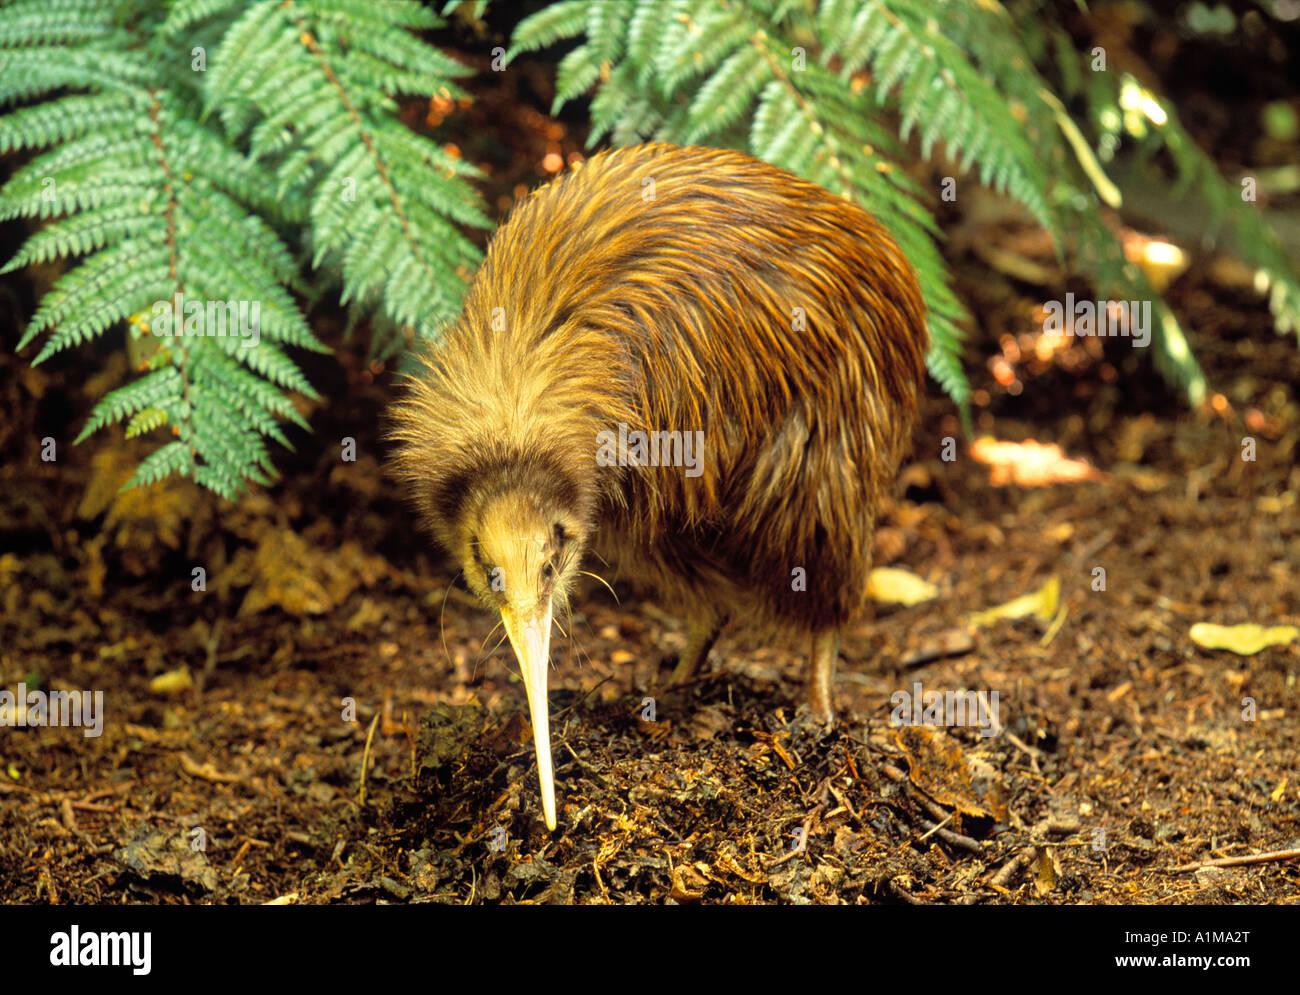 Kiwi bird, New Zealand - Stock Image